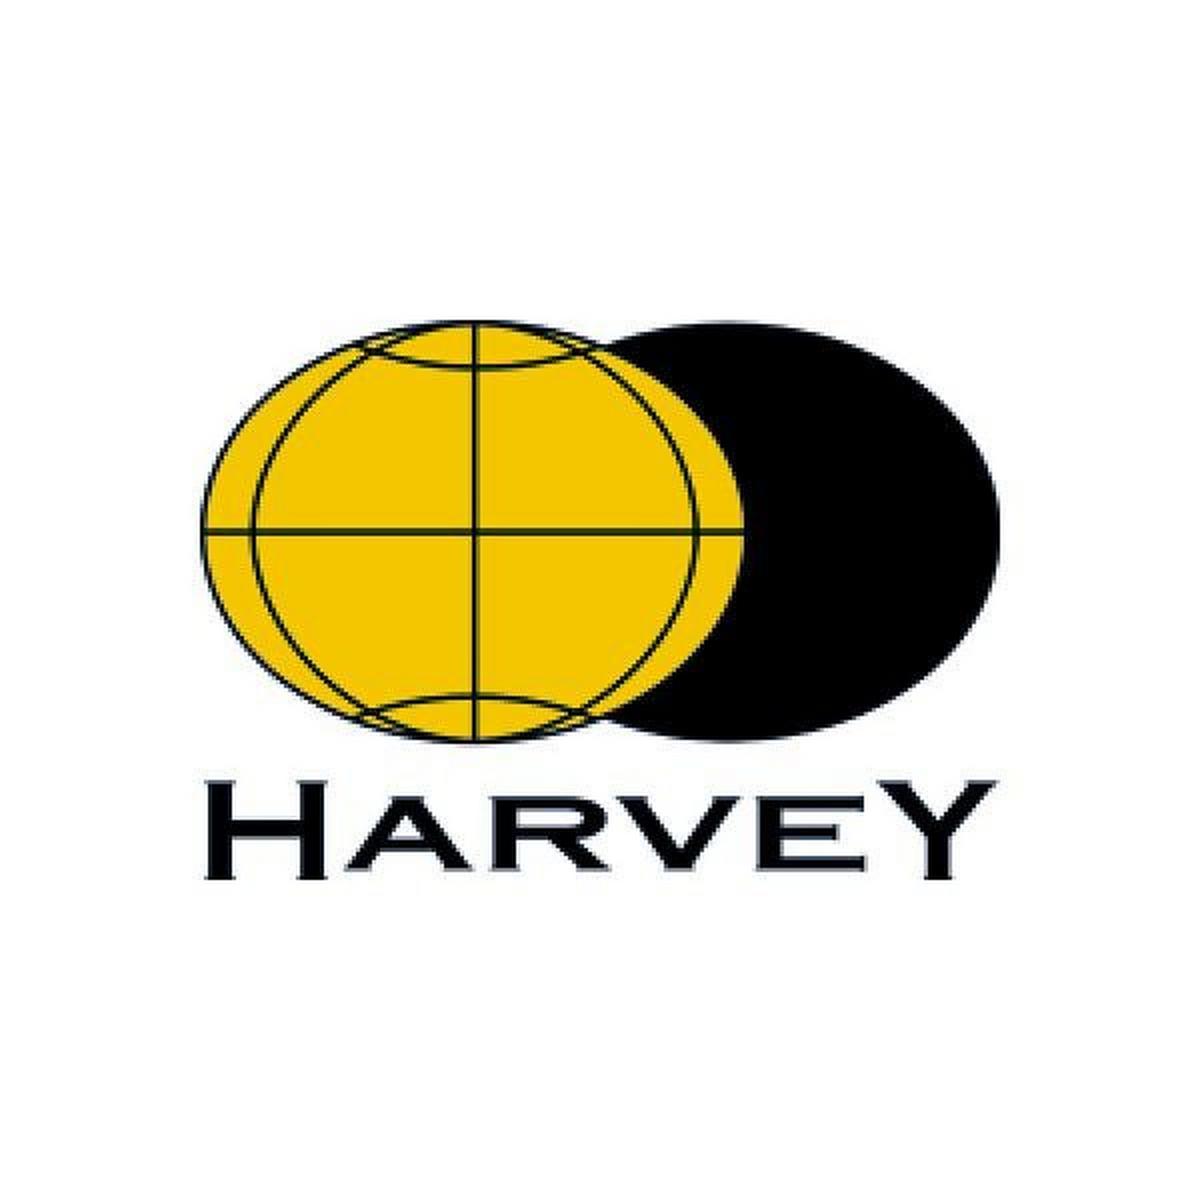 Harveys Harvey Map - XT40: The Great Glen Way